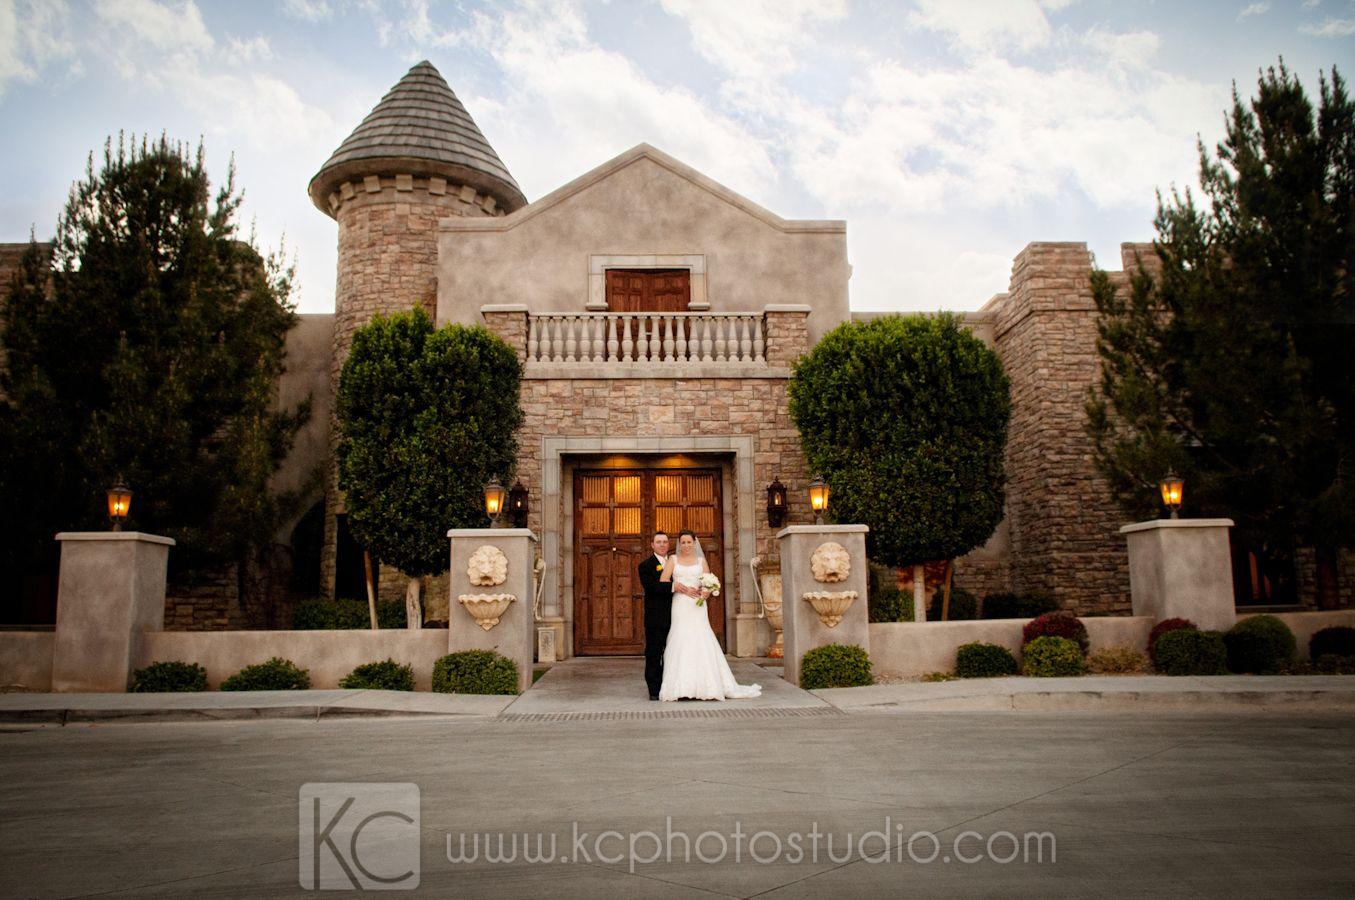 The Castle at Ashley Manor wedding venue